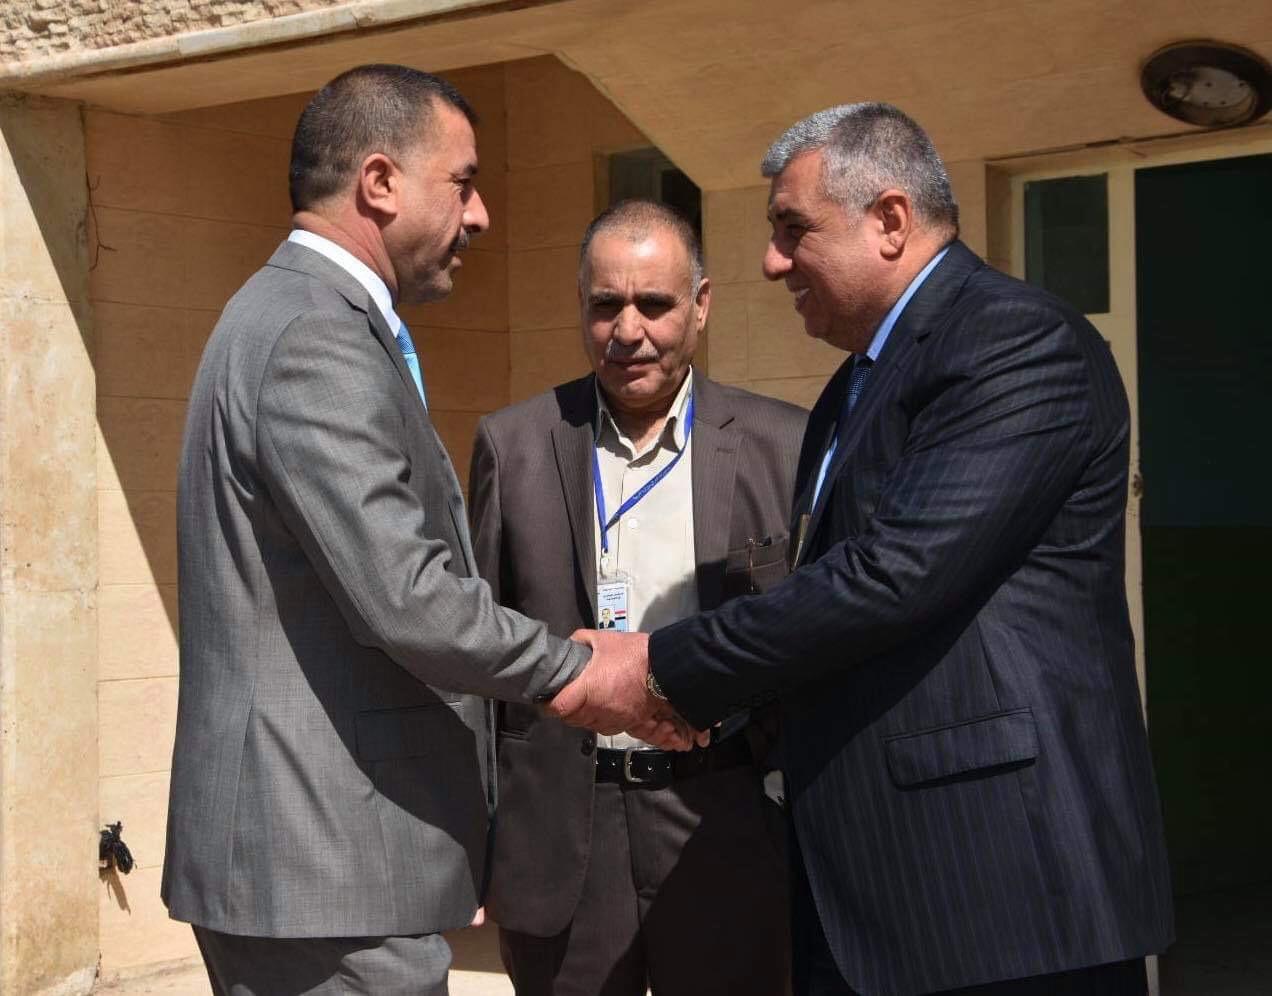 من اجل تذليل المعوقات التي تواجه عملهم : رئيس مجلس المحافظة يزور المستشفى البيطري في المحافظة